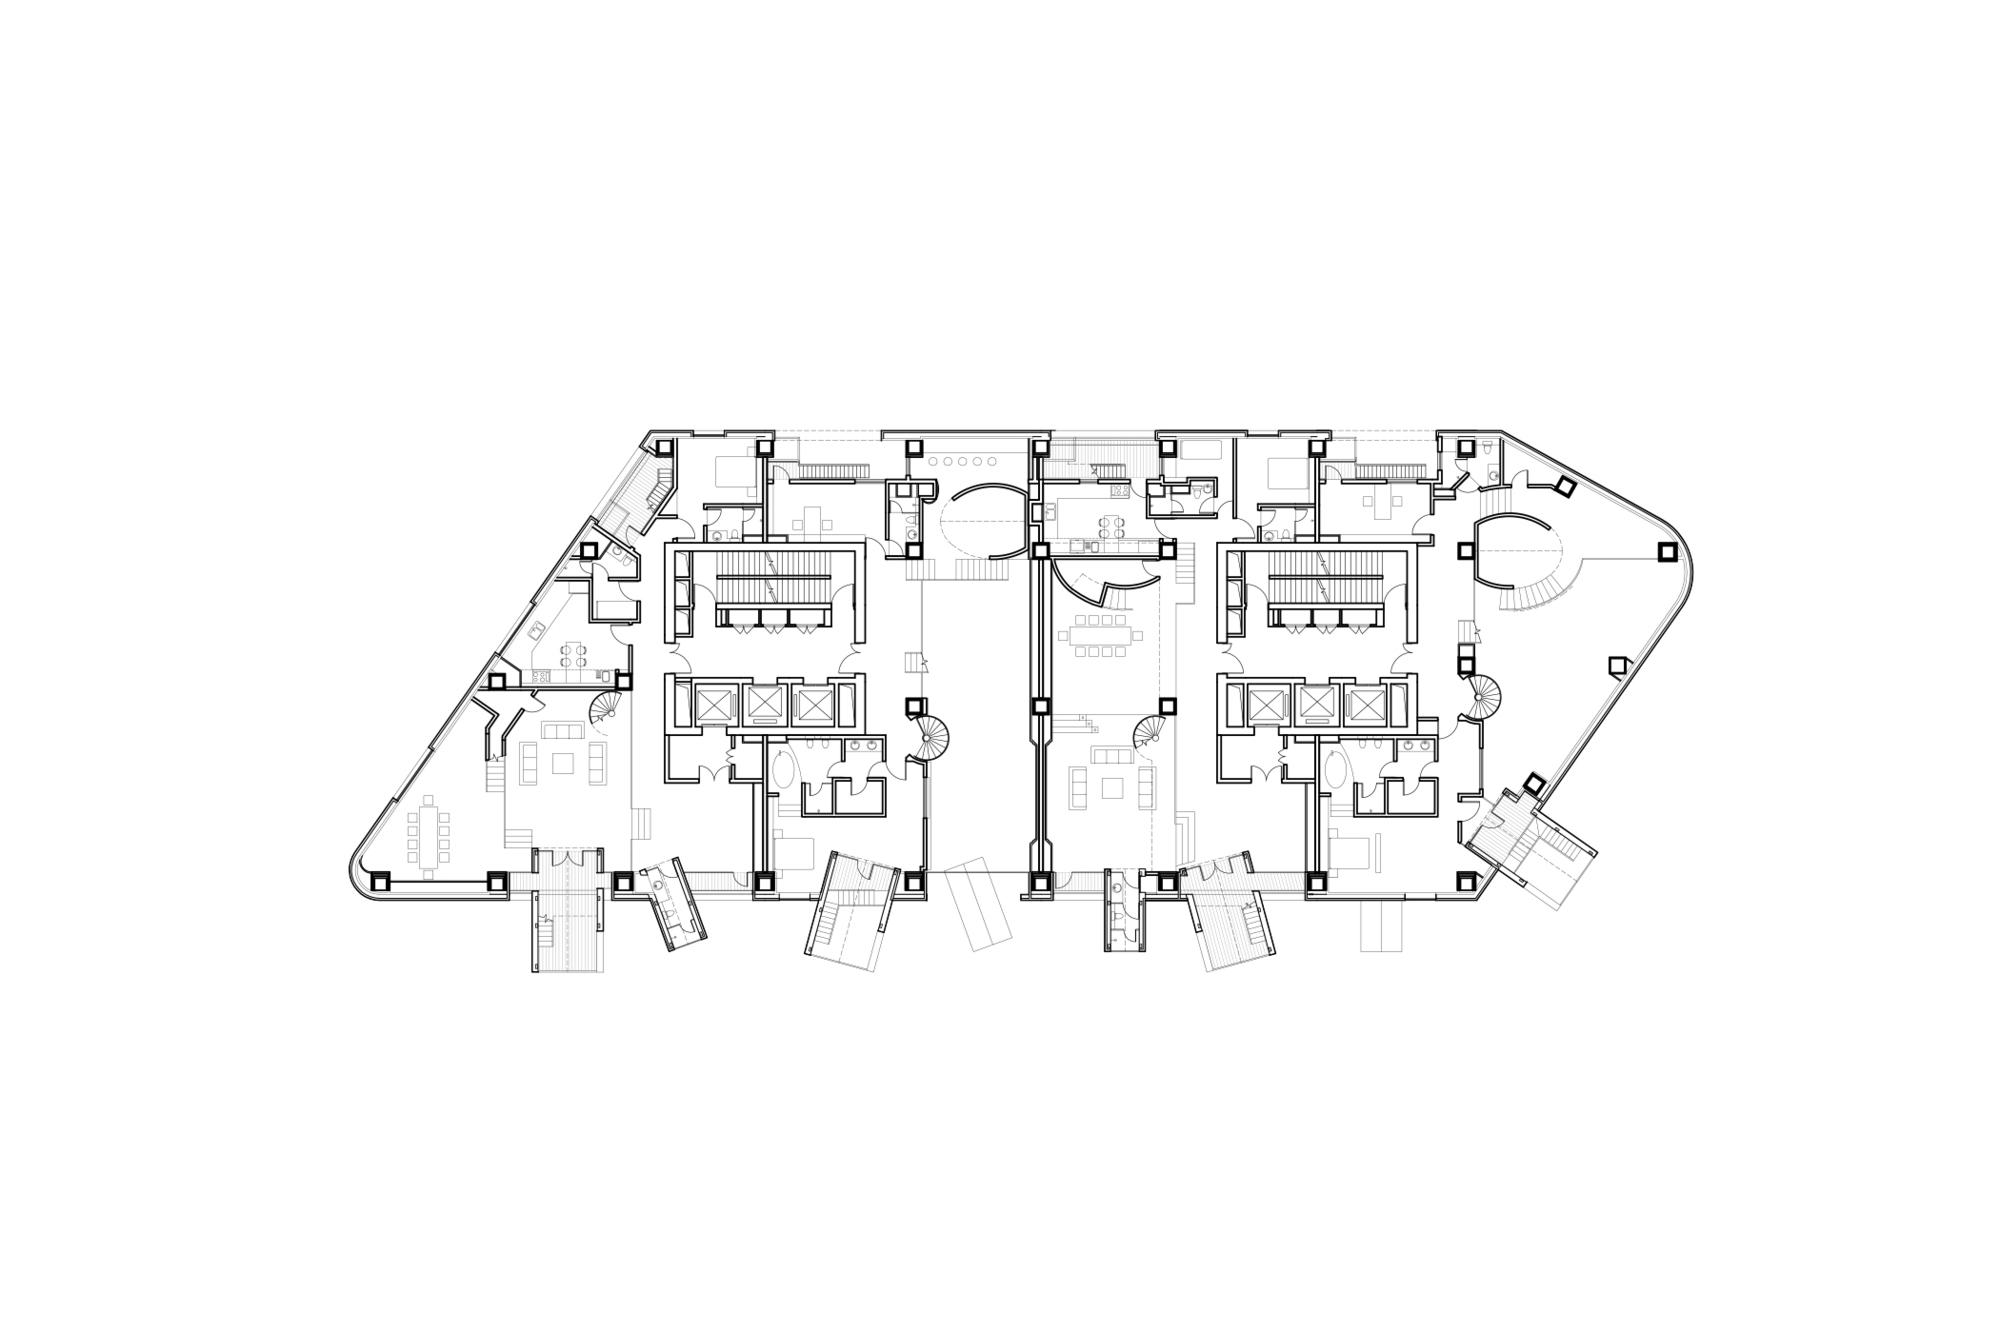 21_北楼八层平面图8th_floor_plan_of_north_tower1-550.jpg